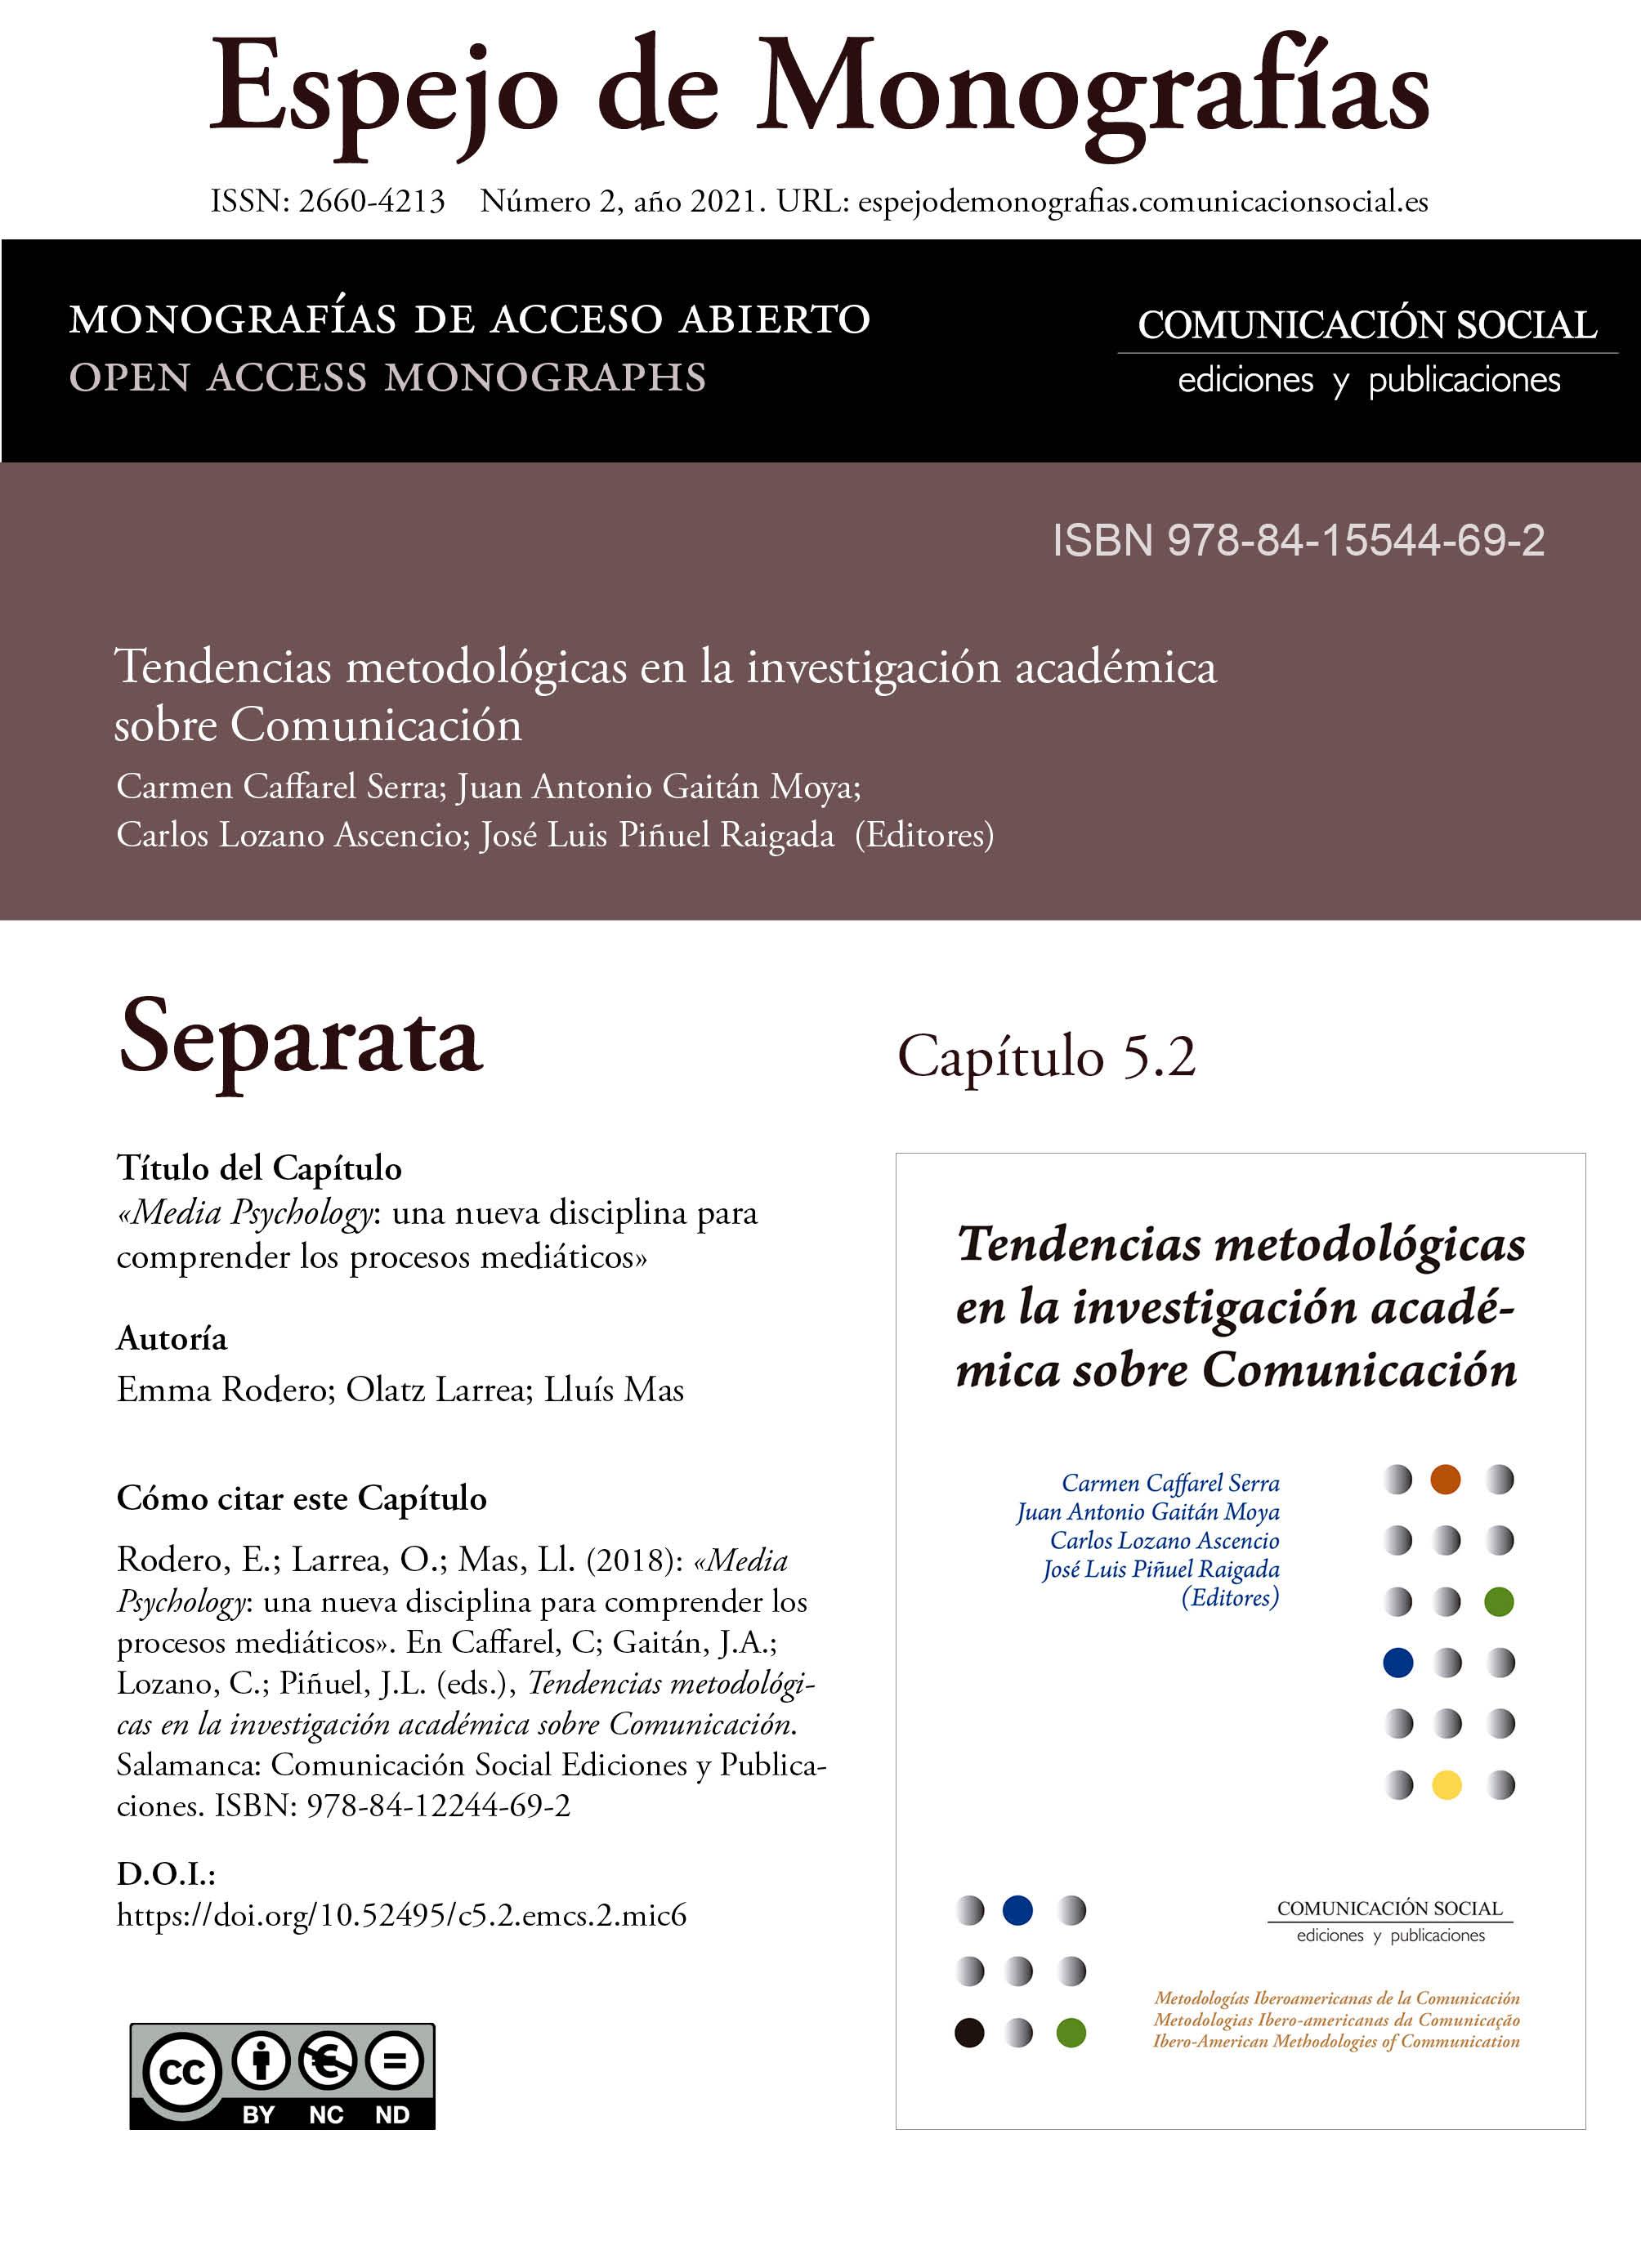 Separata del Capítulo 5.2 correspondiente a la monografía Tendencias metodológicas en la investigación académica en Comunicación